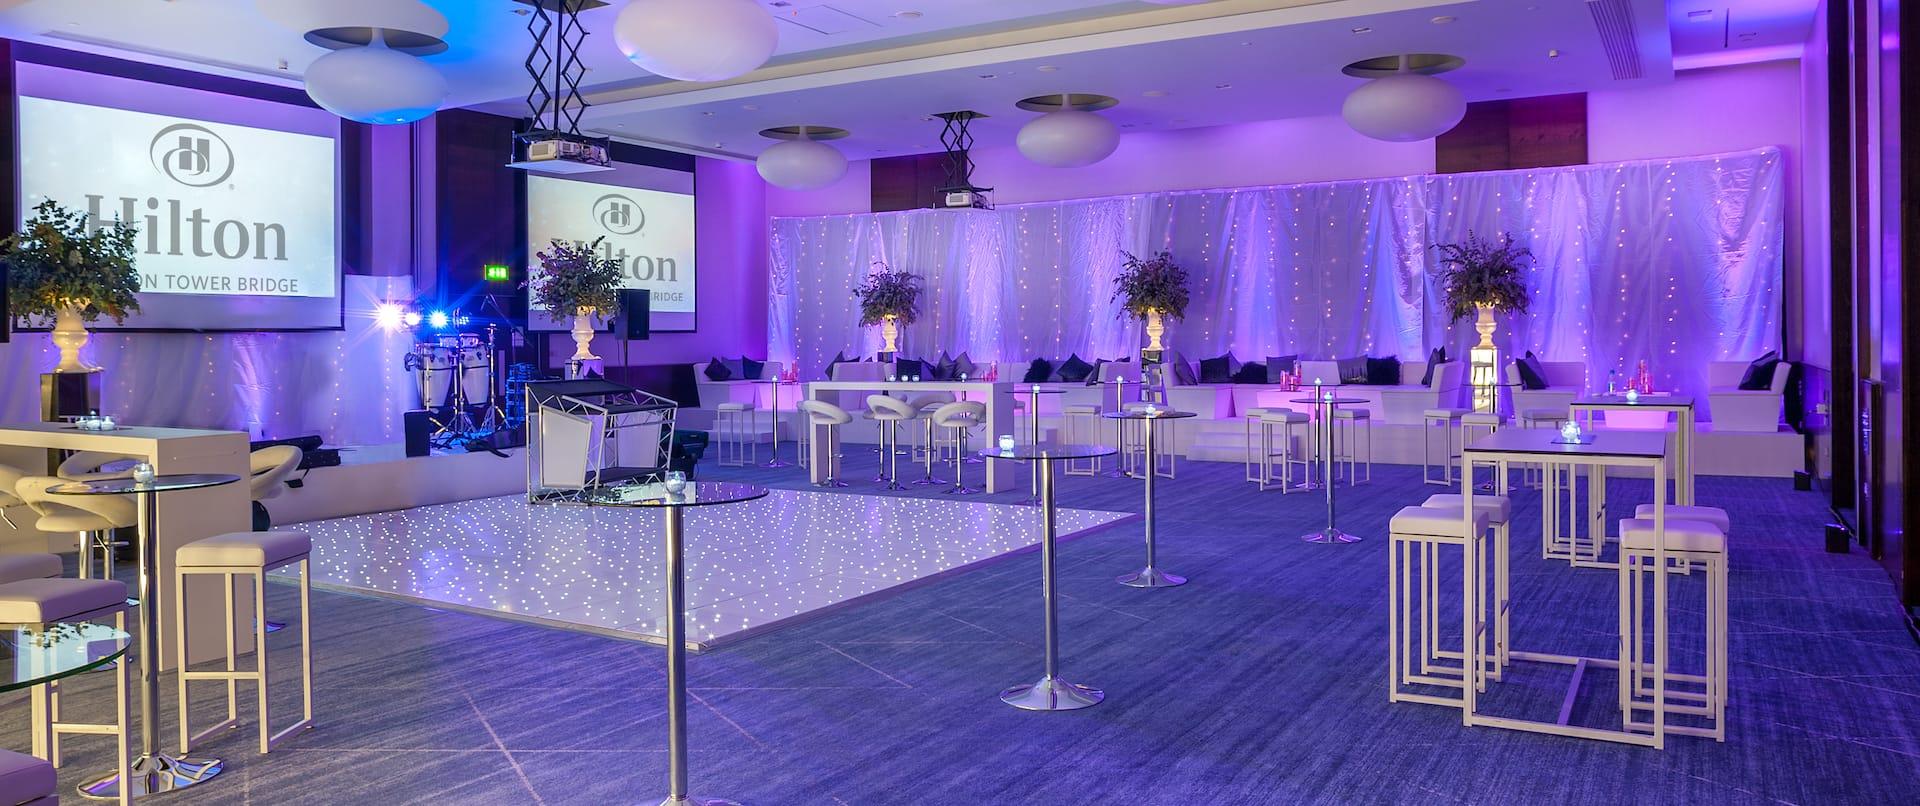 Tower Suite Ballroom with Dance Floor